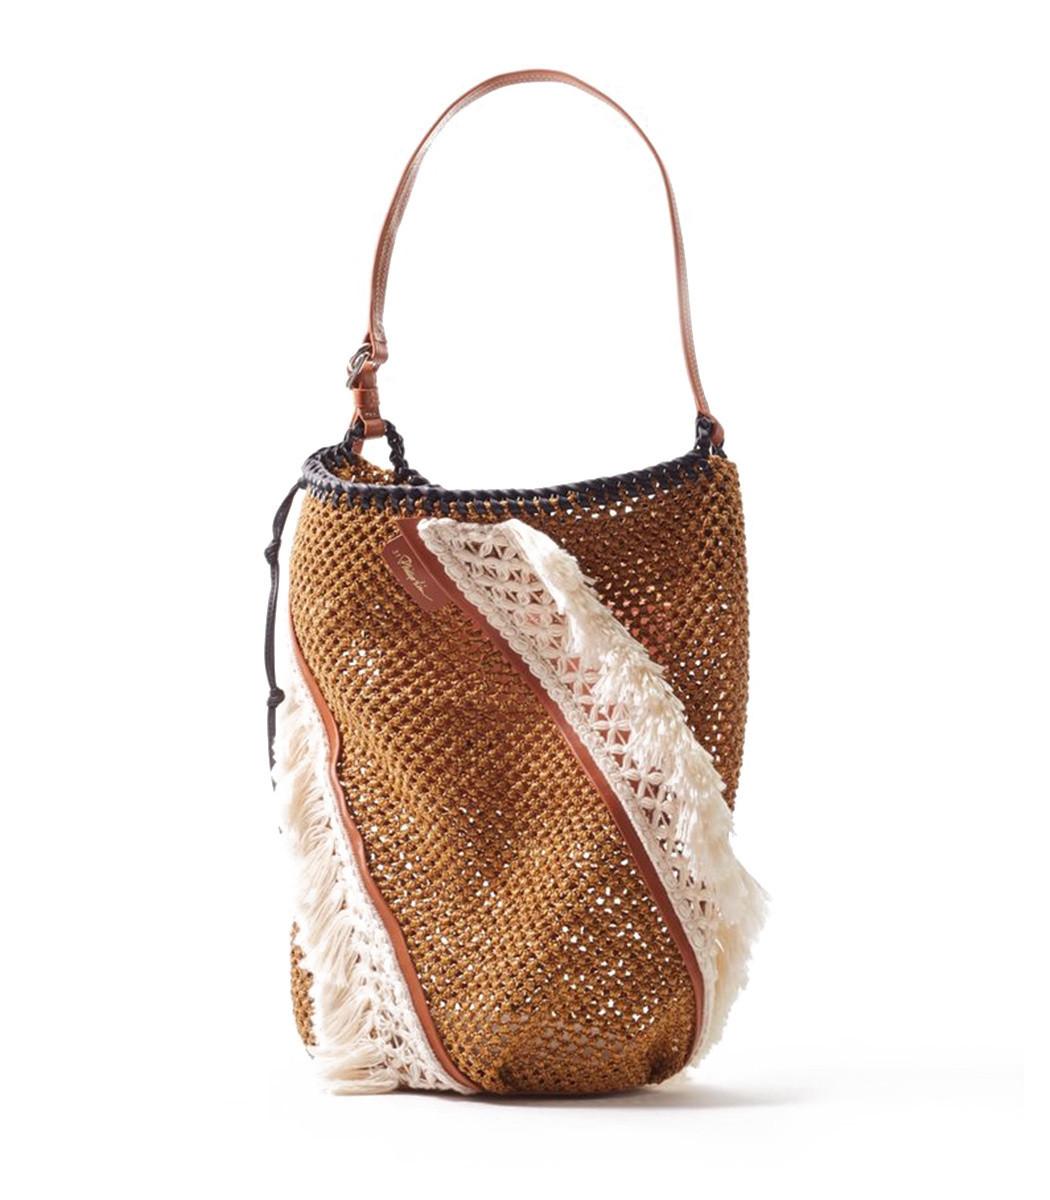 ee94ec94e 3.1 Phillip Lim Marlee Open-Weave Fringe Bag - ShopBAZAAR